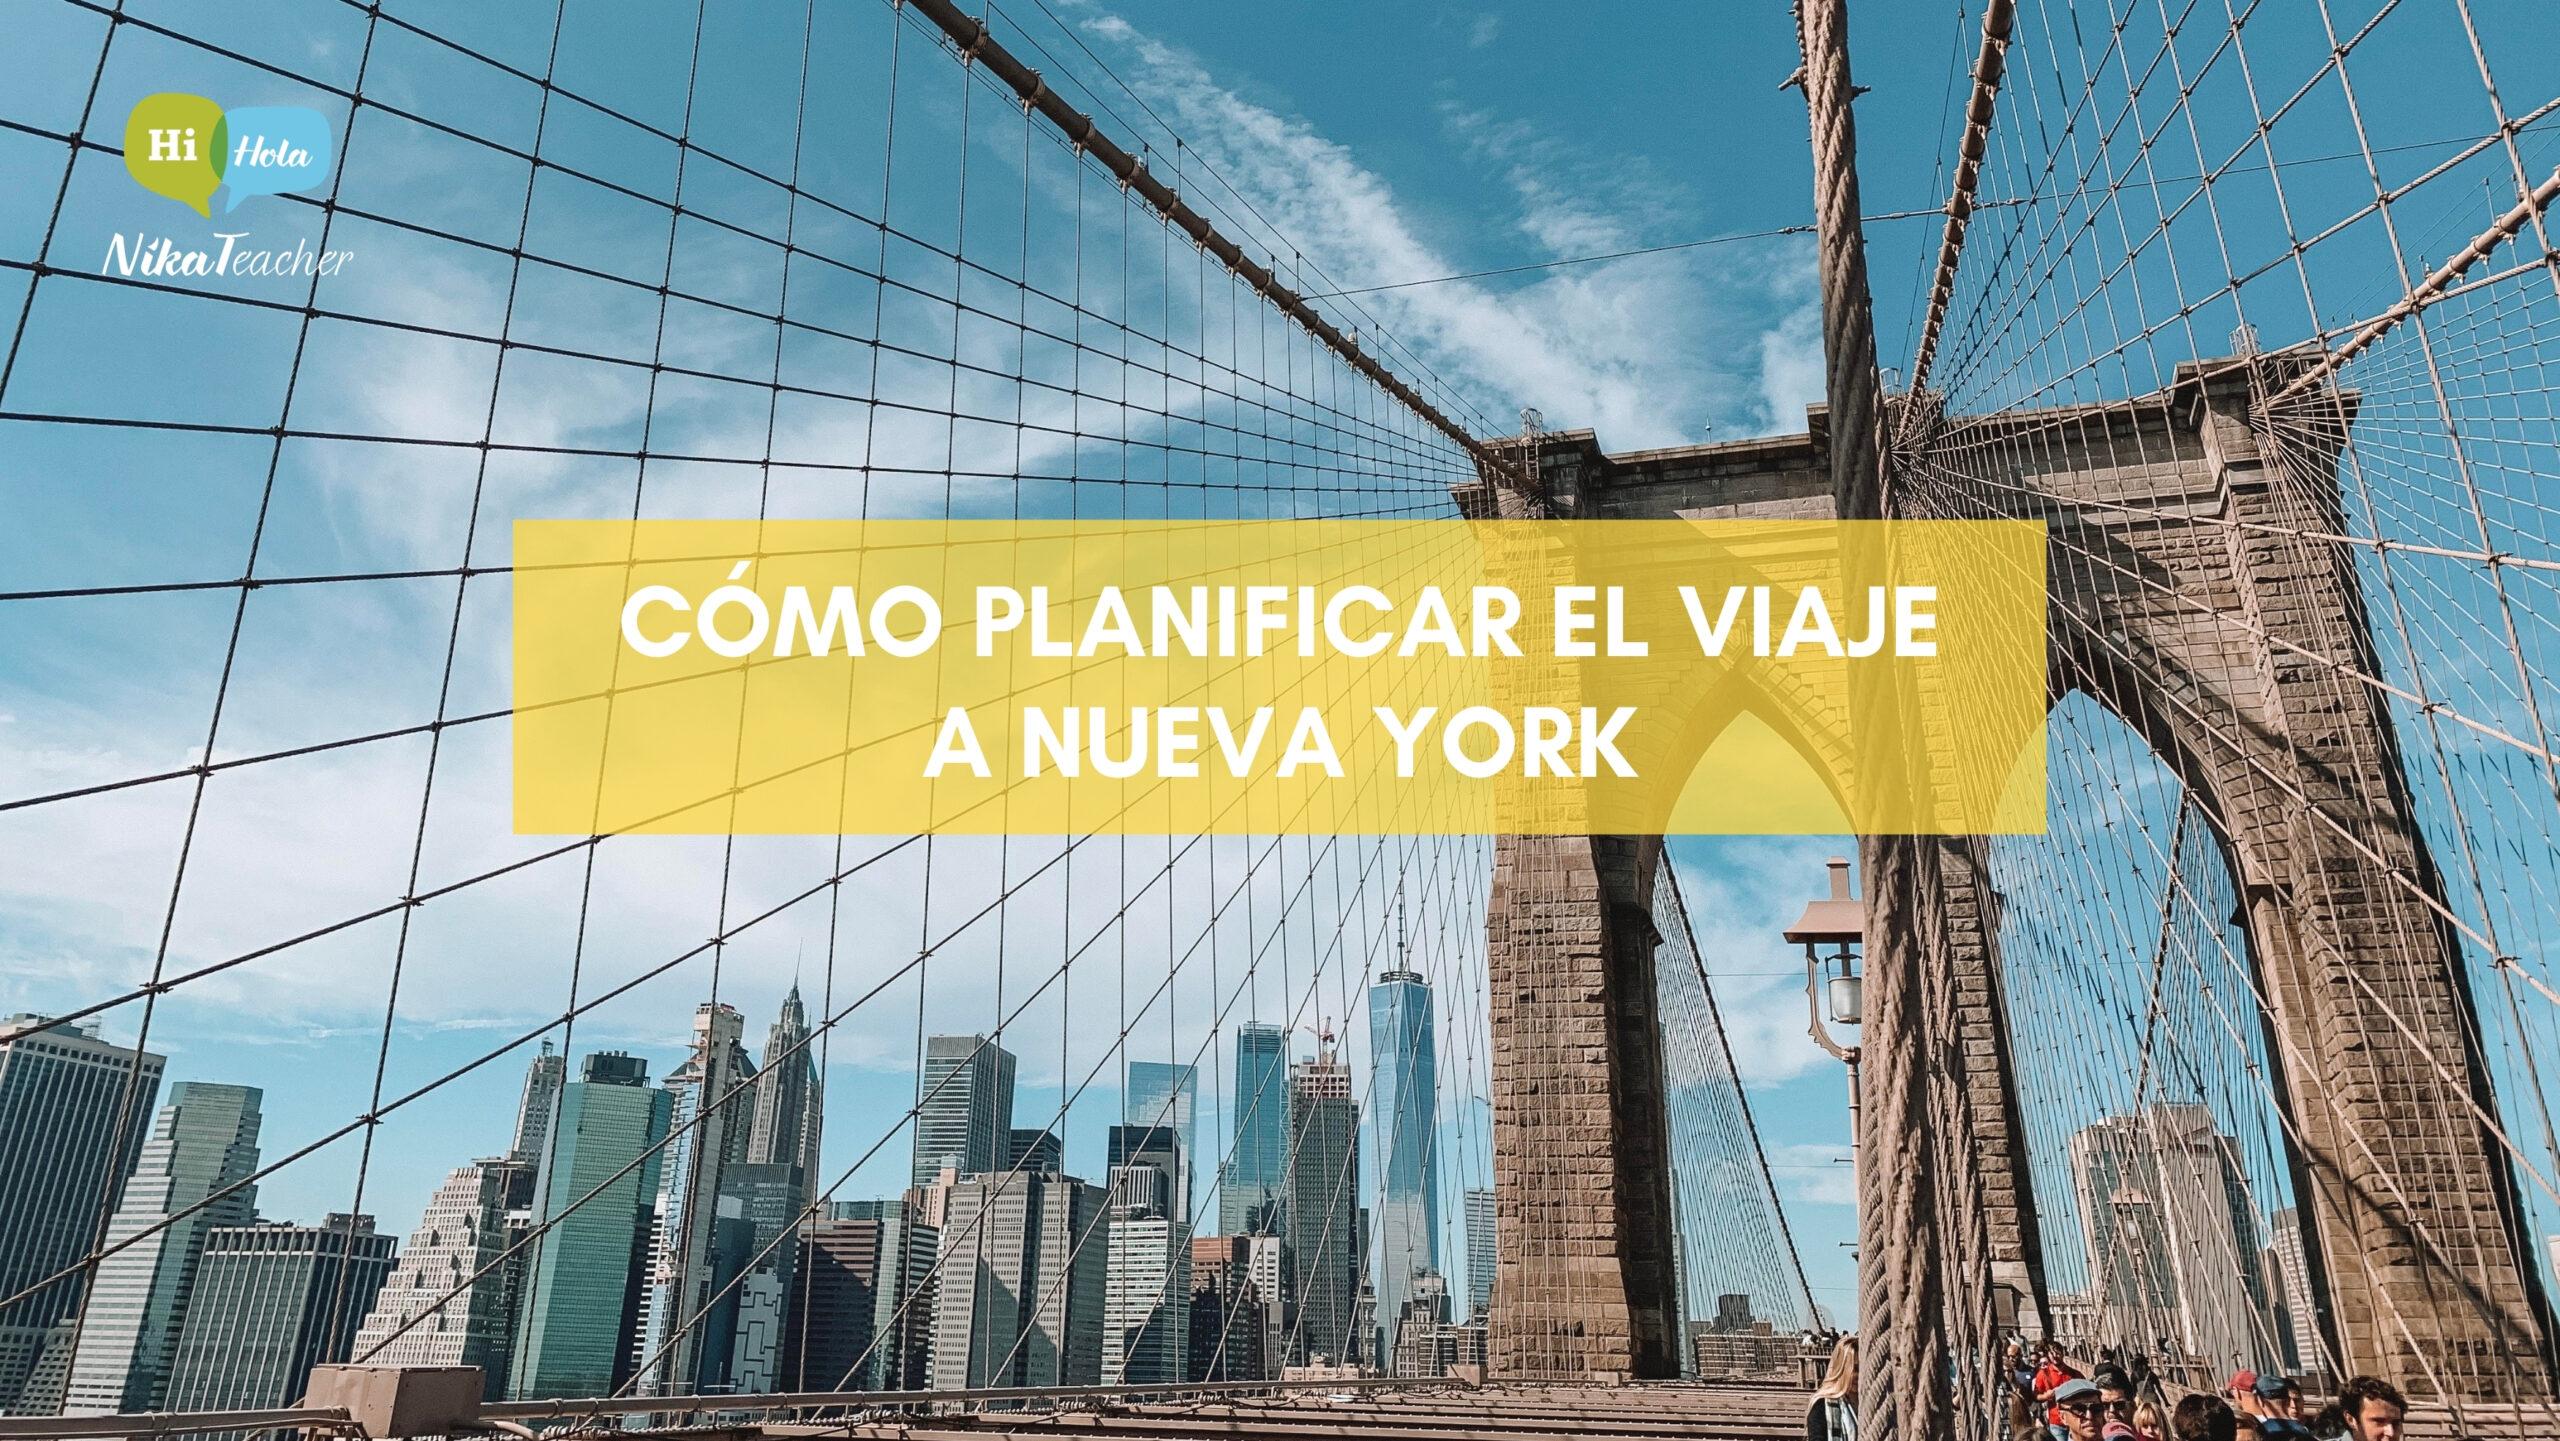 Cómo planificar el viaje a NUEVA YORK